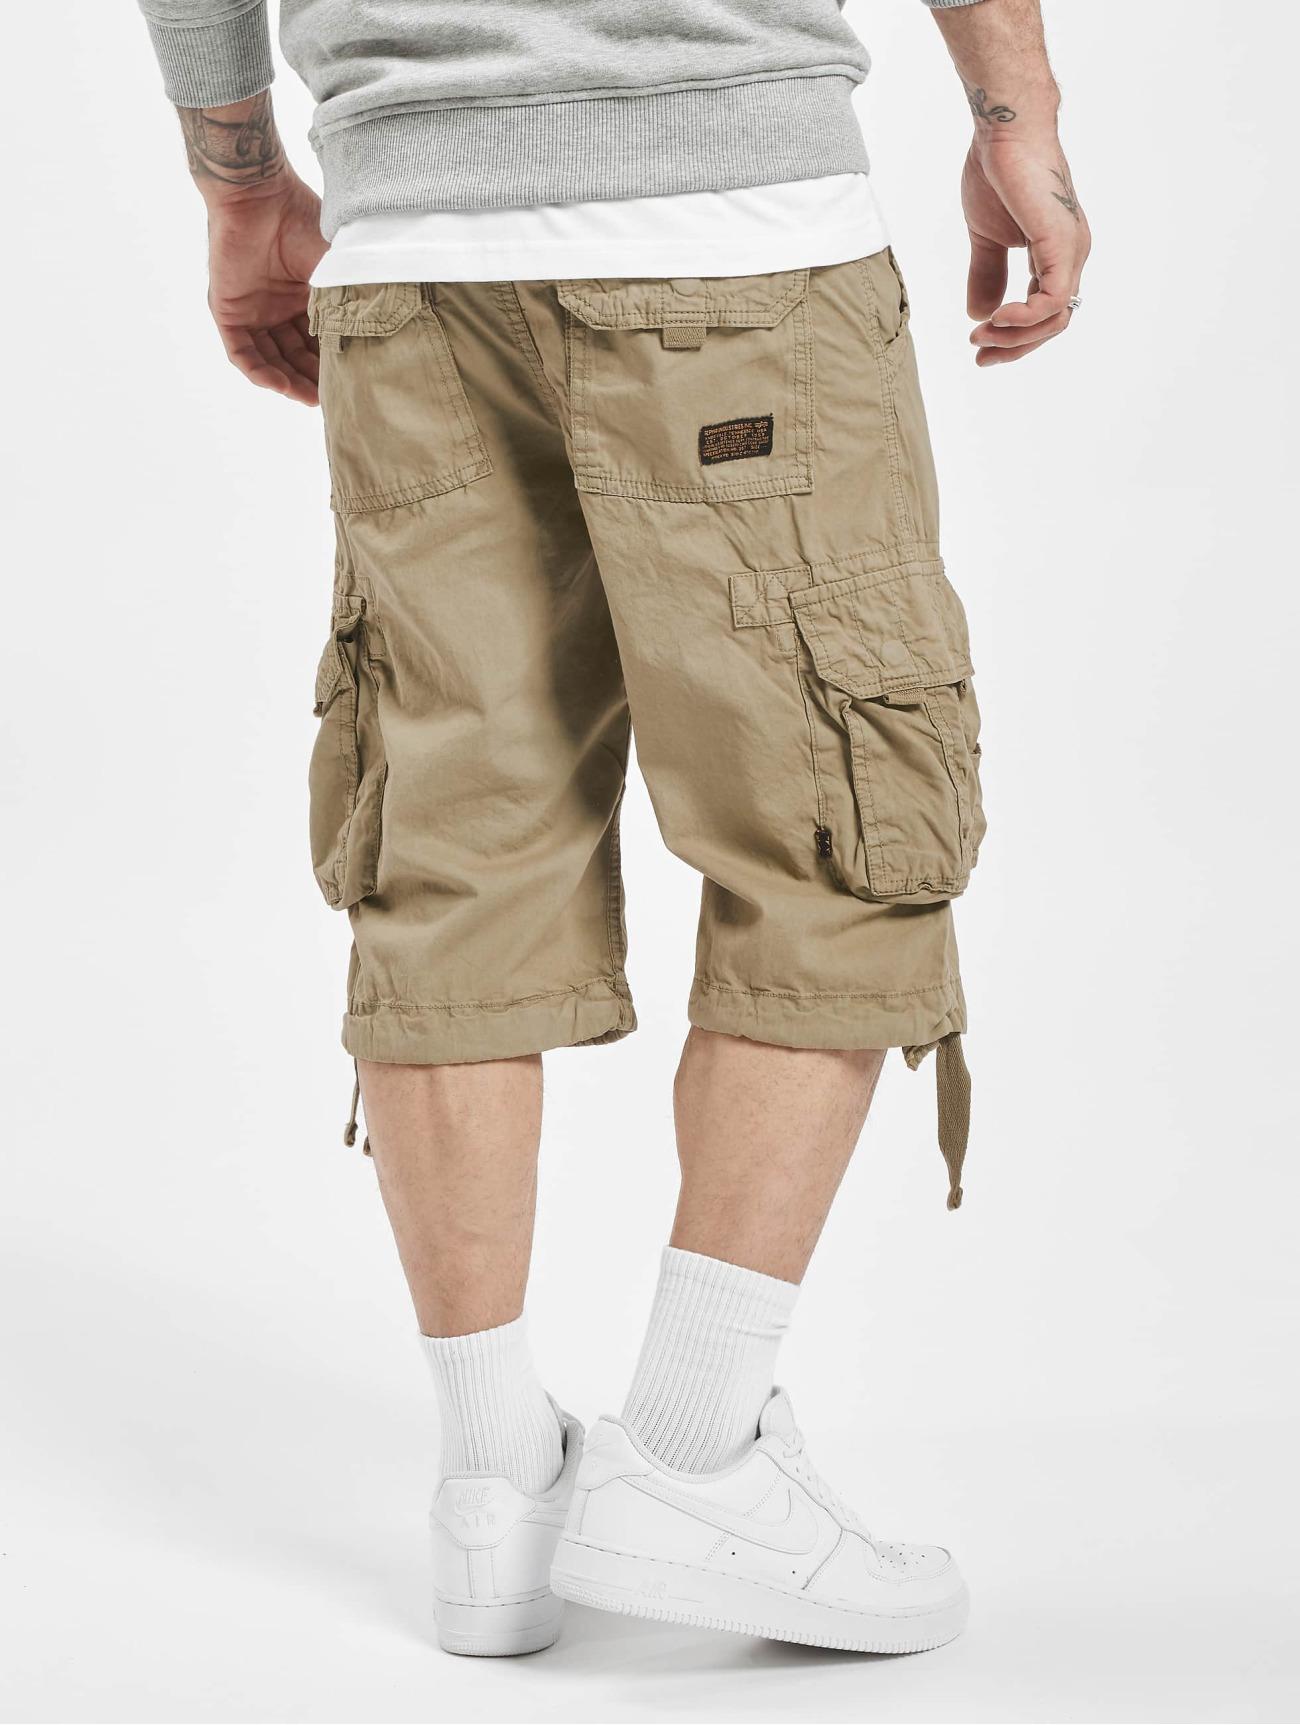 Alpha Industries  Jet  olive Homme Short  64984 Homme Pantalons & Shorts